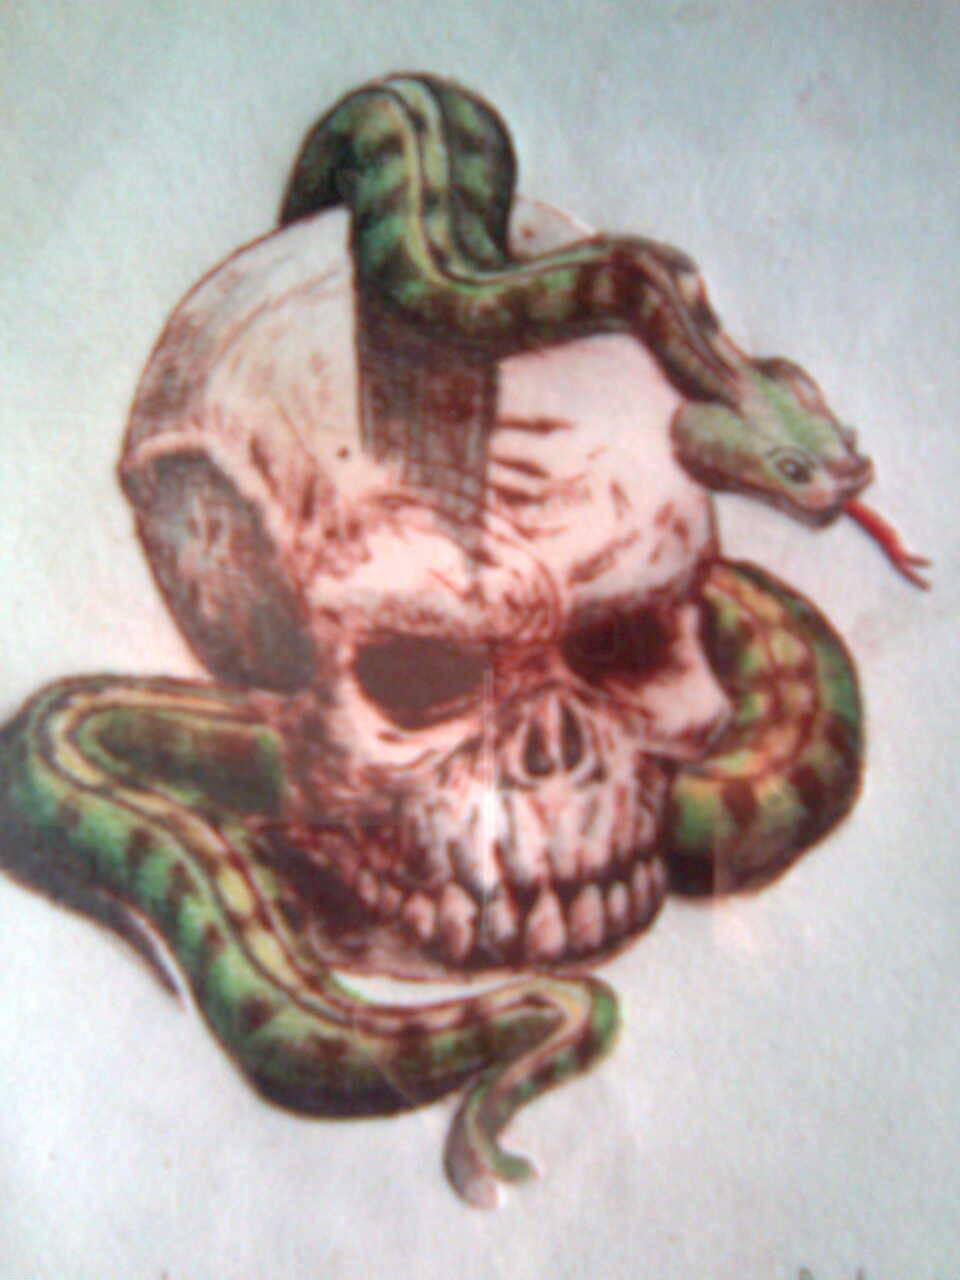 calavera con serpiente manuel morales sanchez  Artelistacom